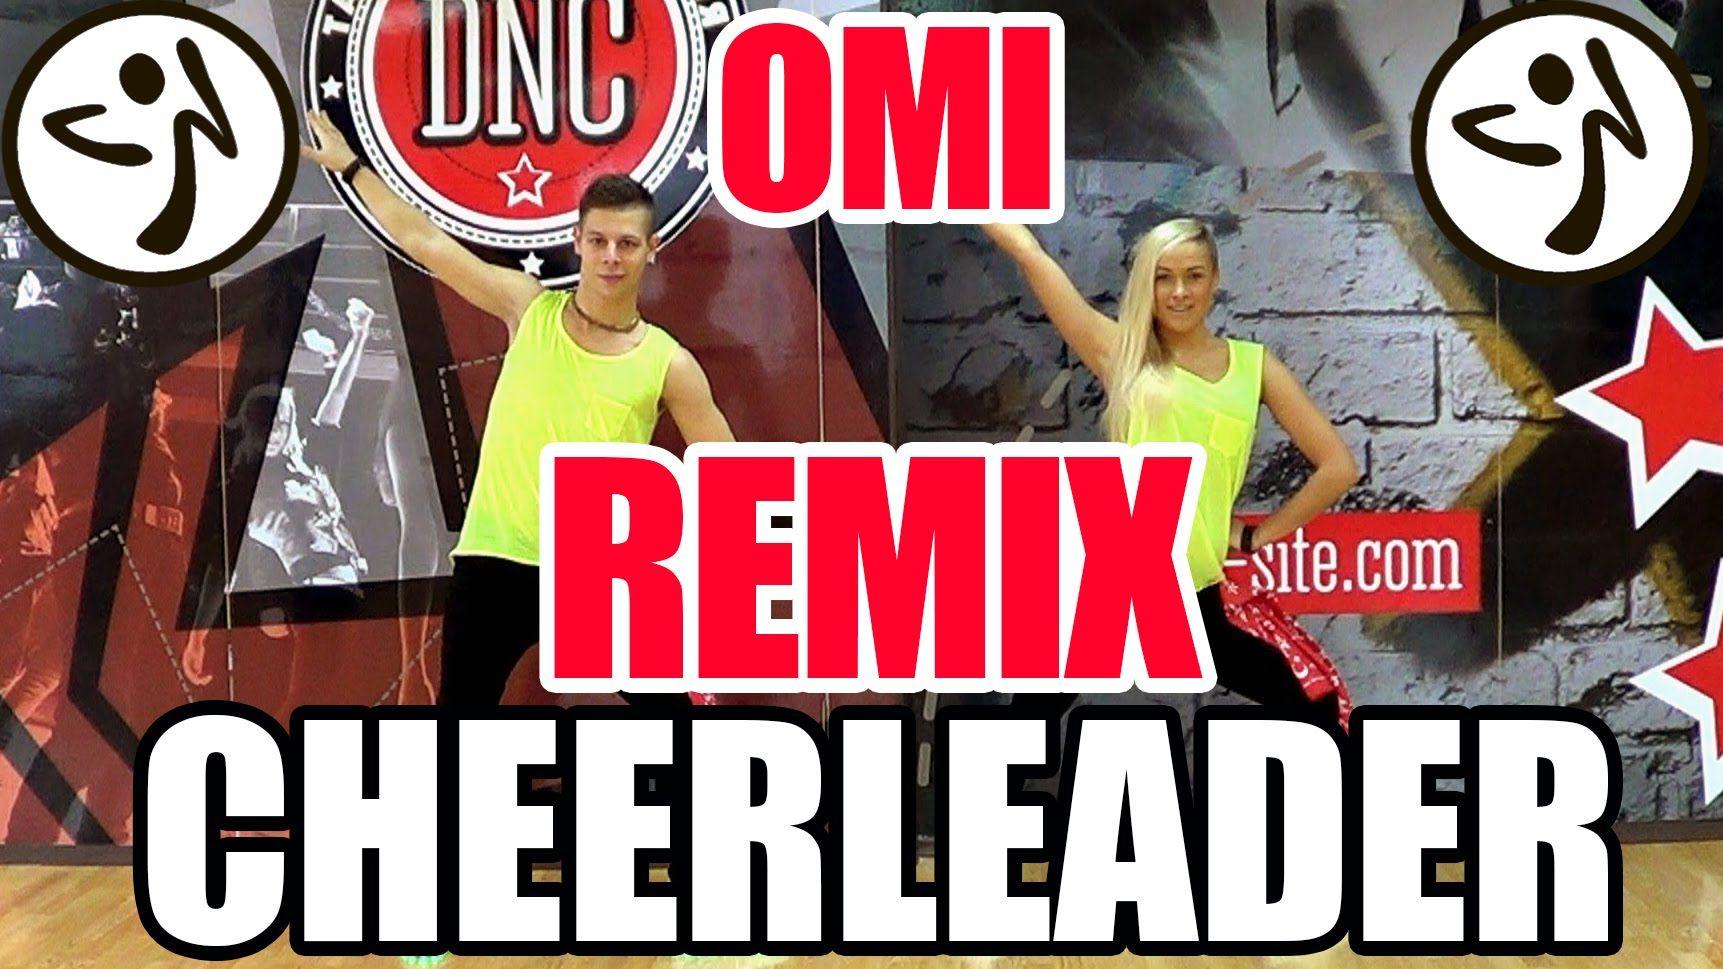 Zumba Fitness Cheerleader Felix Jaehn Remix Omi Zumba Fitness Zumba Tanztraining